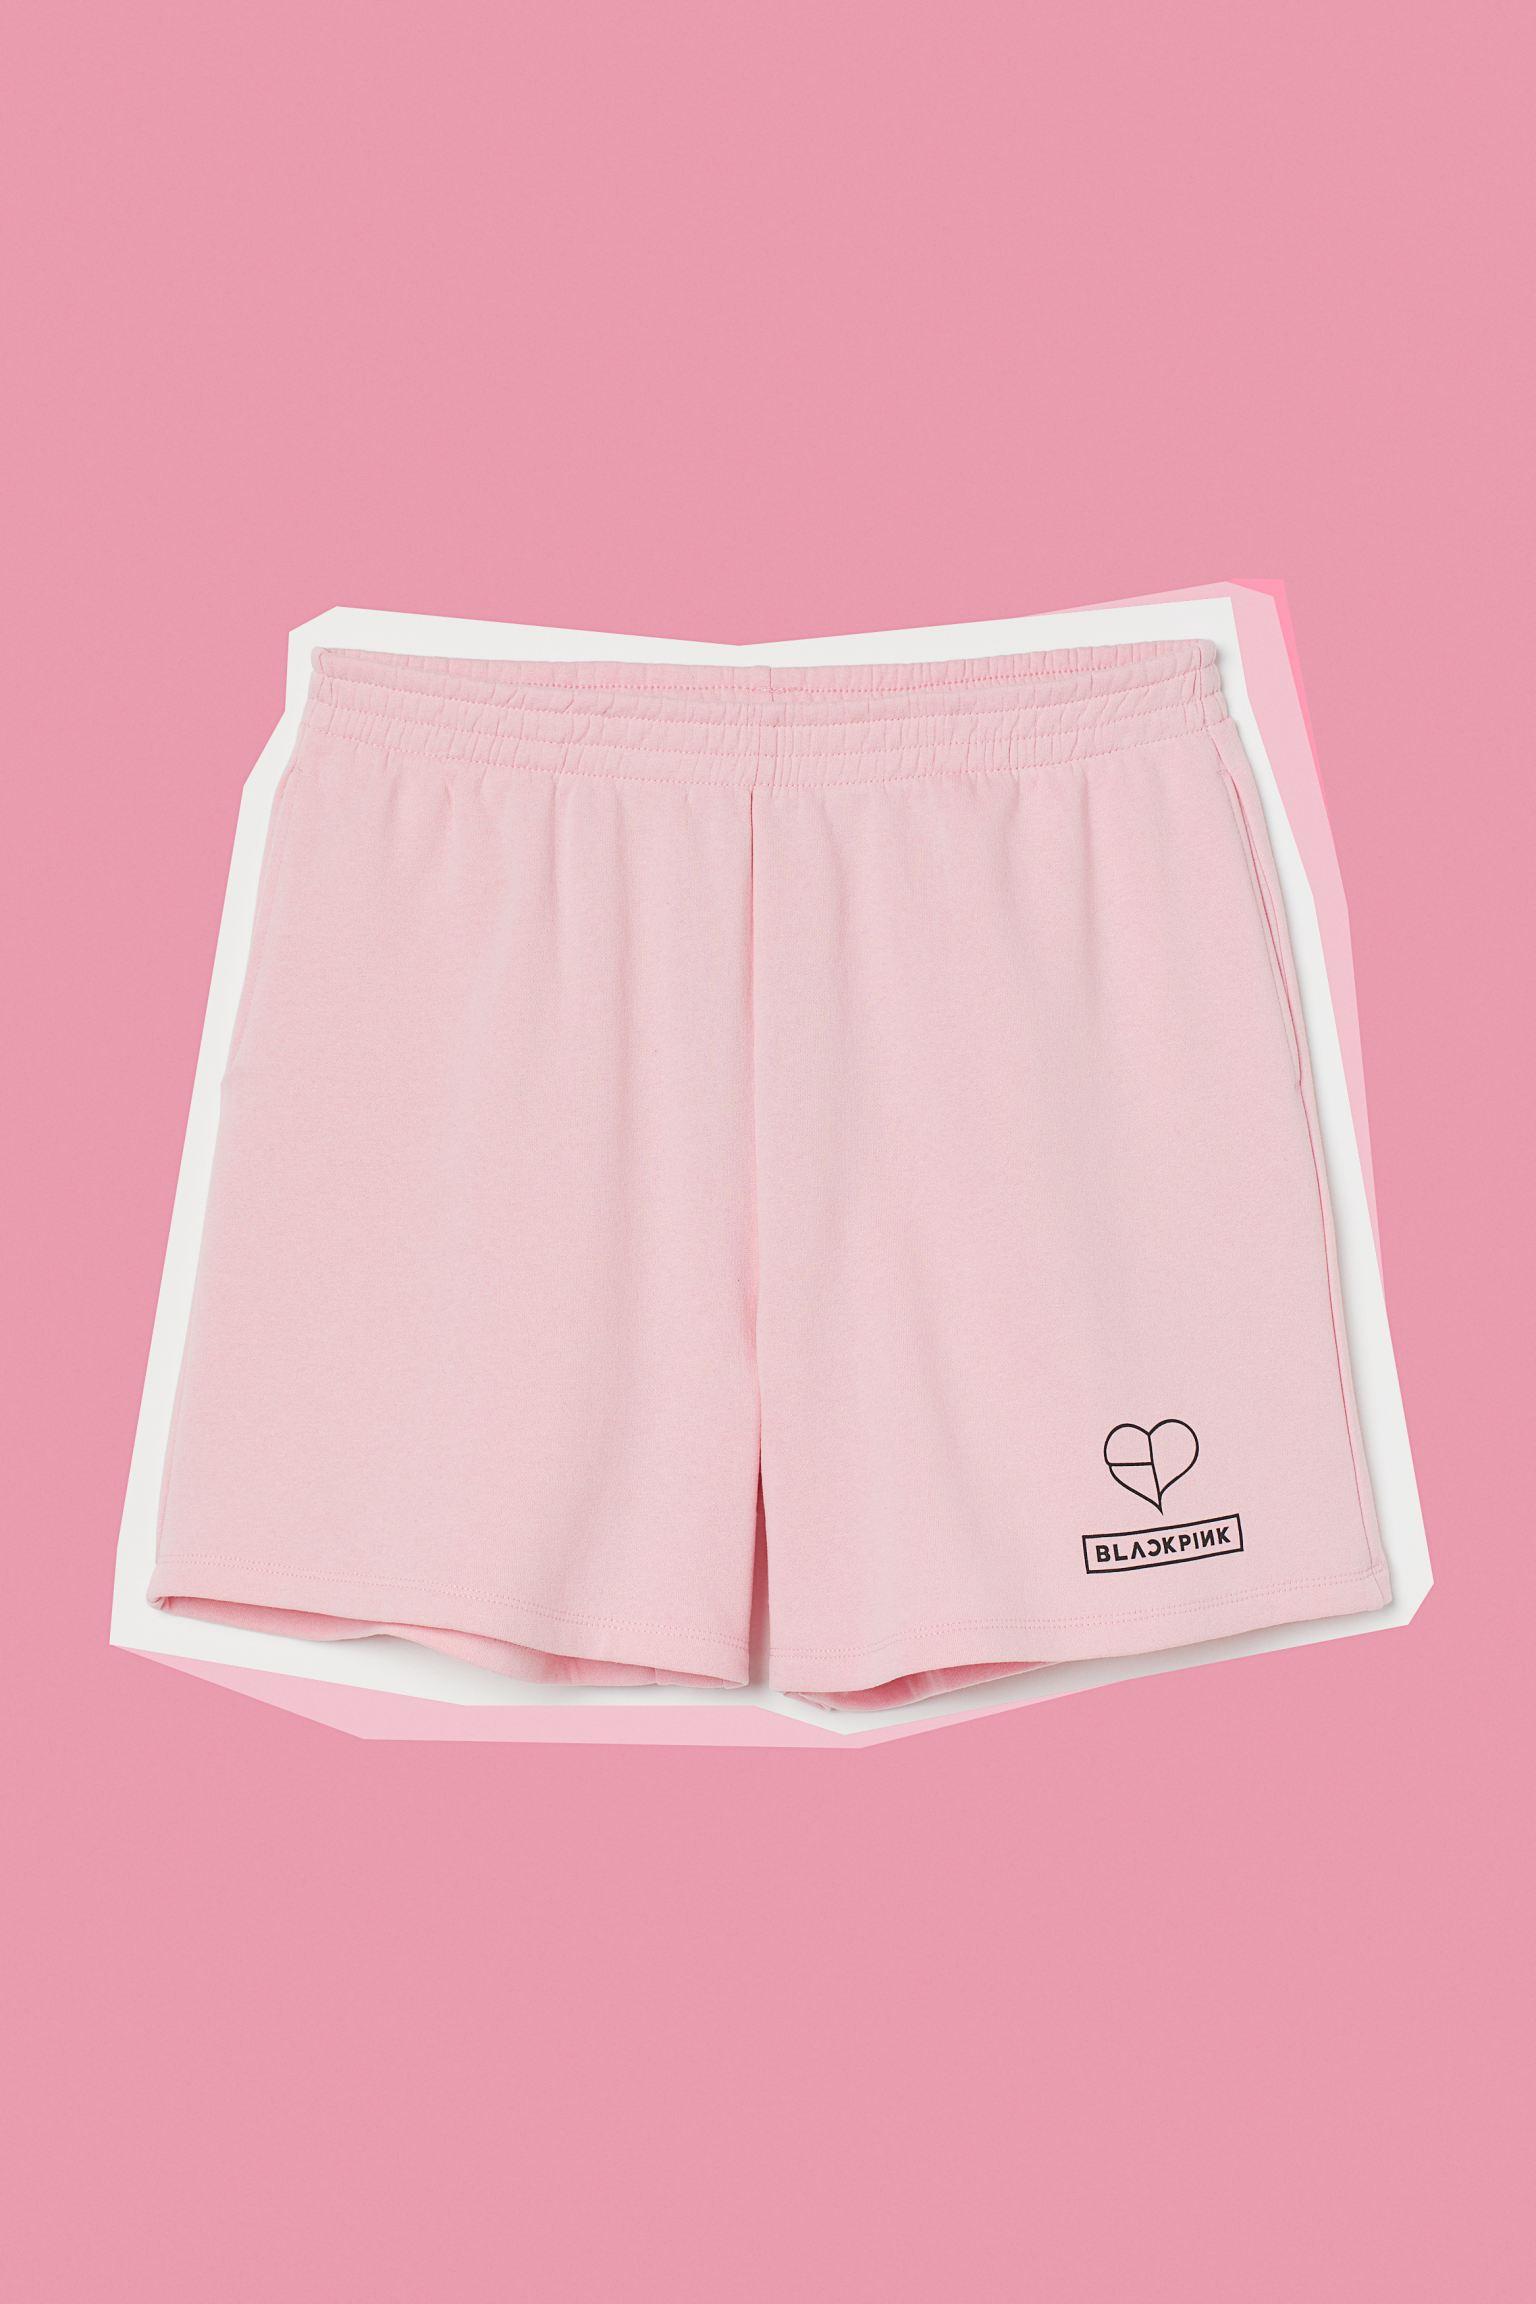 Pantalón corto en tejido sudadera con motivo estampado en una pernera. Modelo de talle alto con elástico fruncido en la cintura y bolsillos discretos en las costuras laterales. Interior cepillado suave.